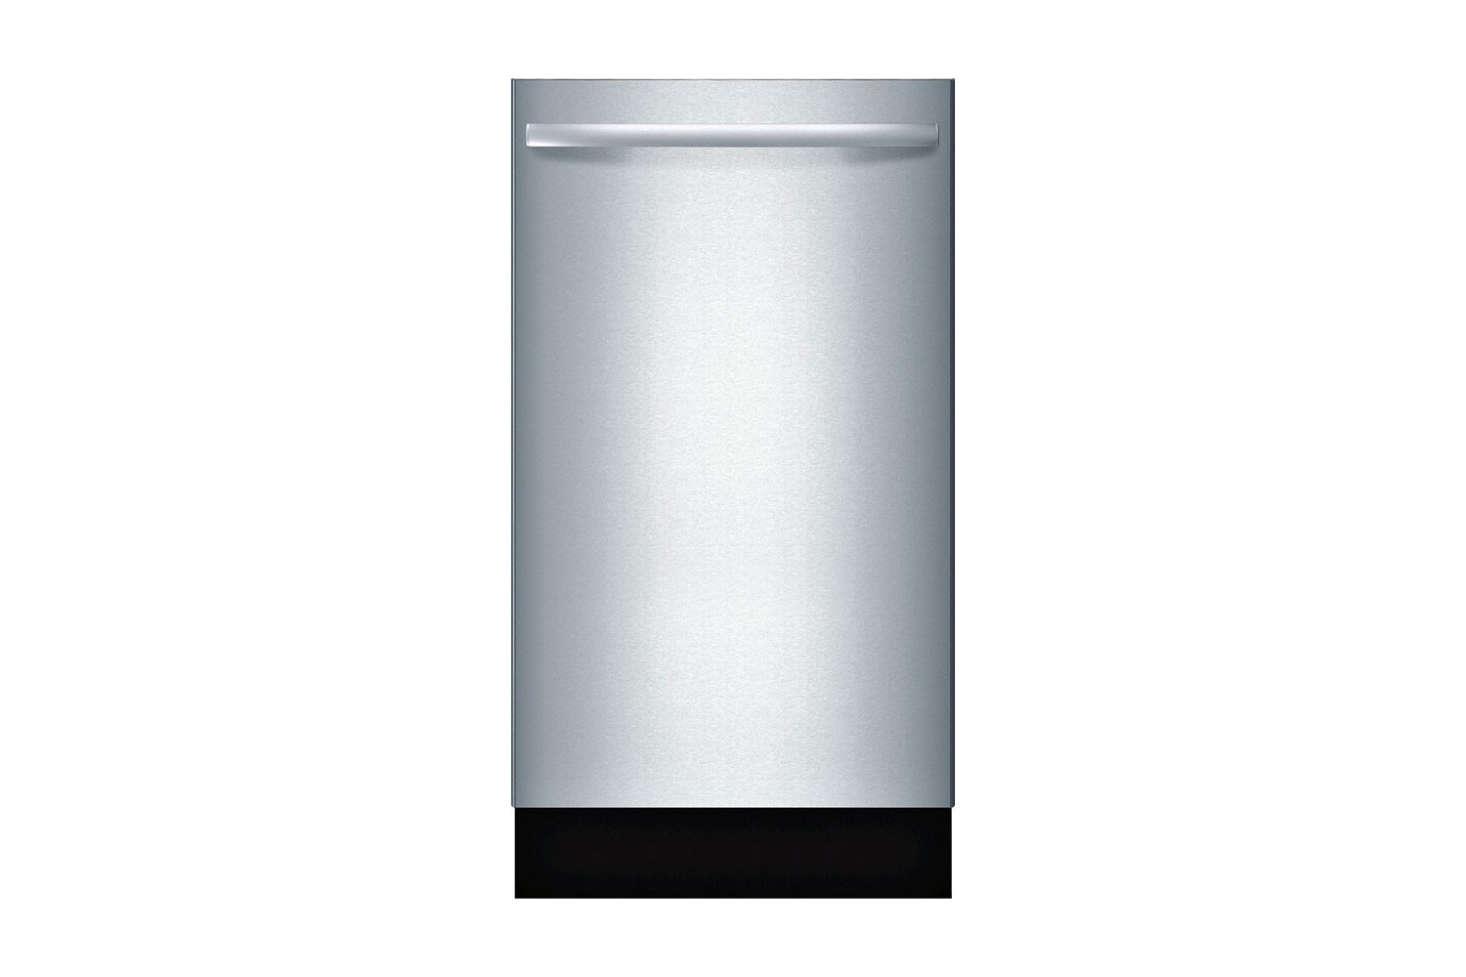 Retro Kühlschrank Dunkelrot : Retro kühlschrank bosch retro kühlschrank ohne gefrierfach